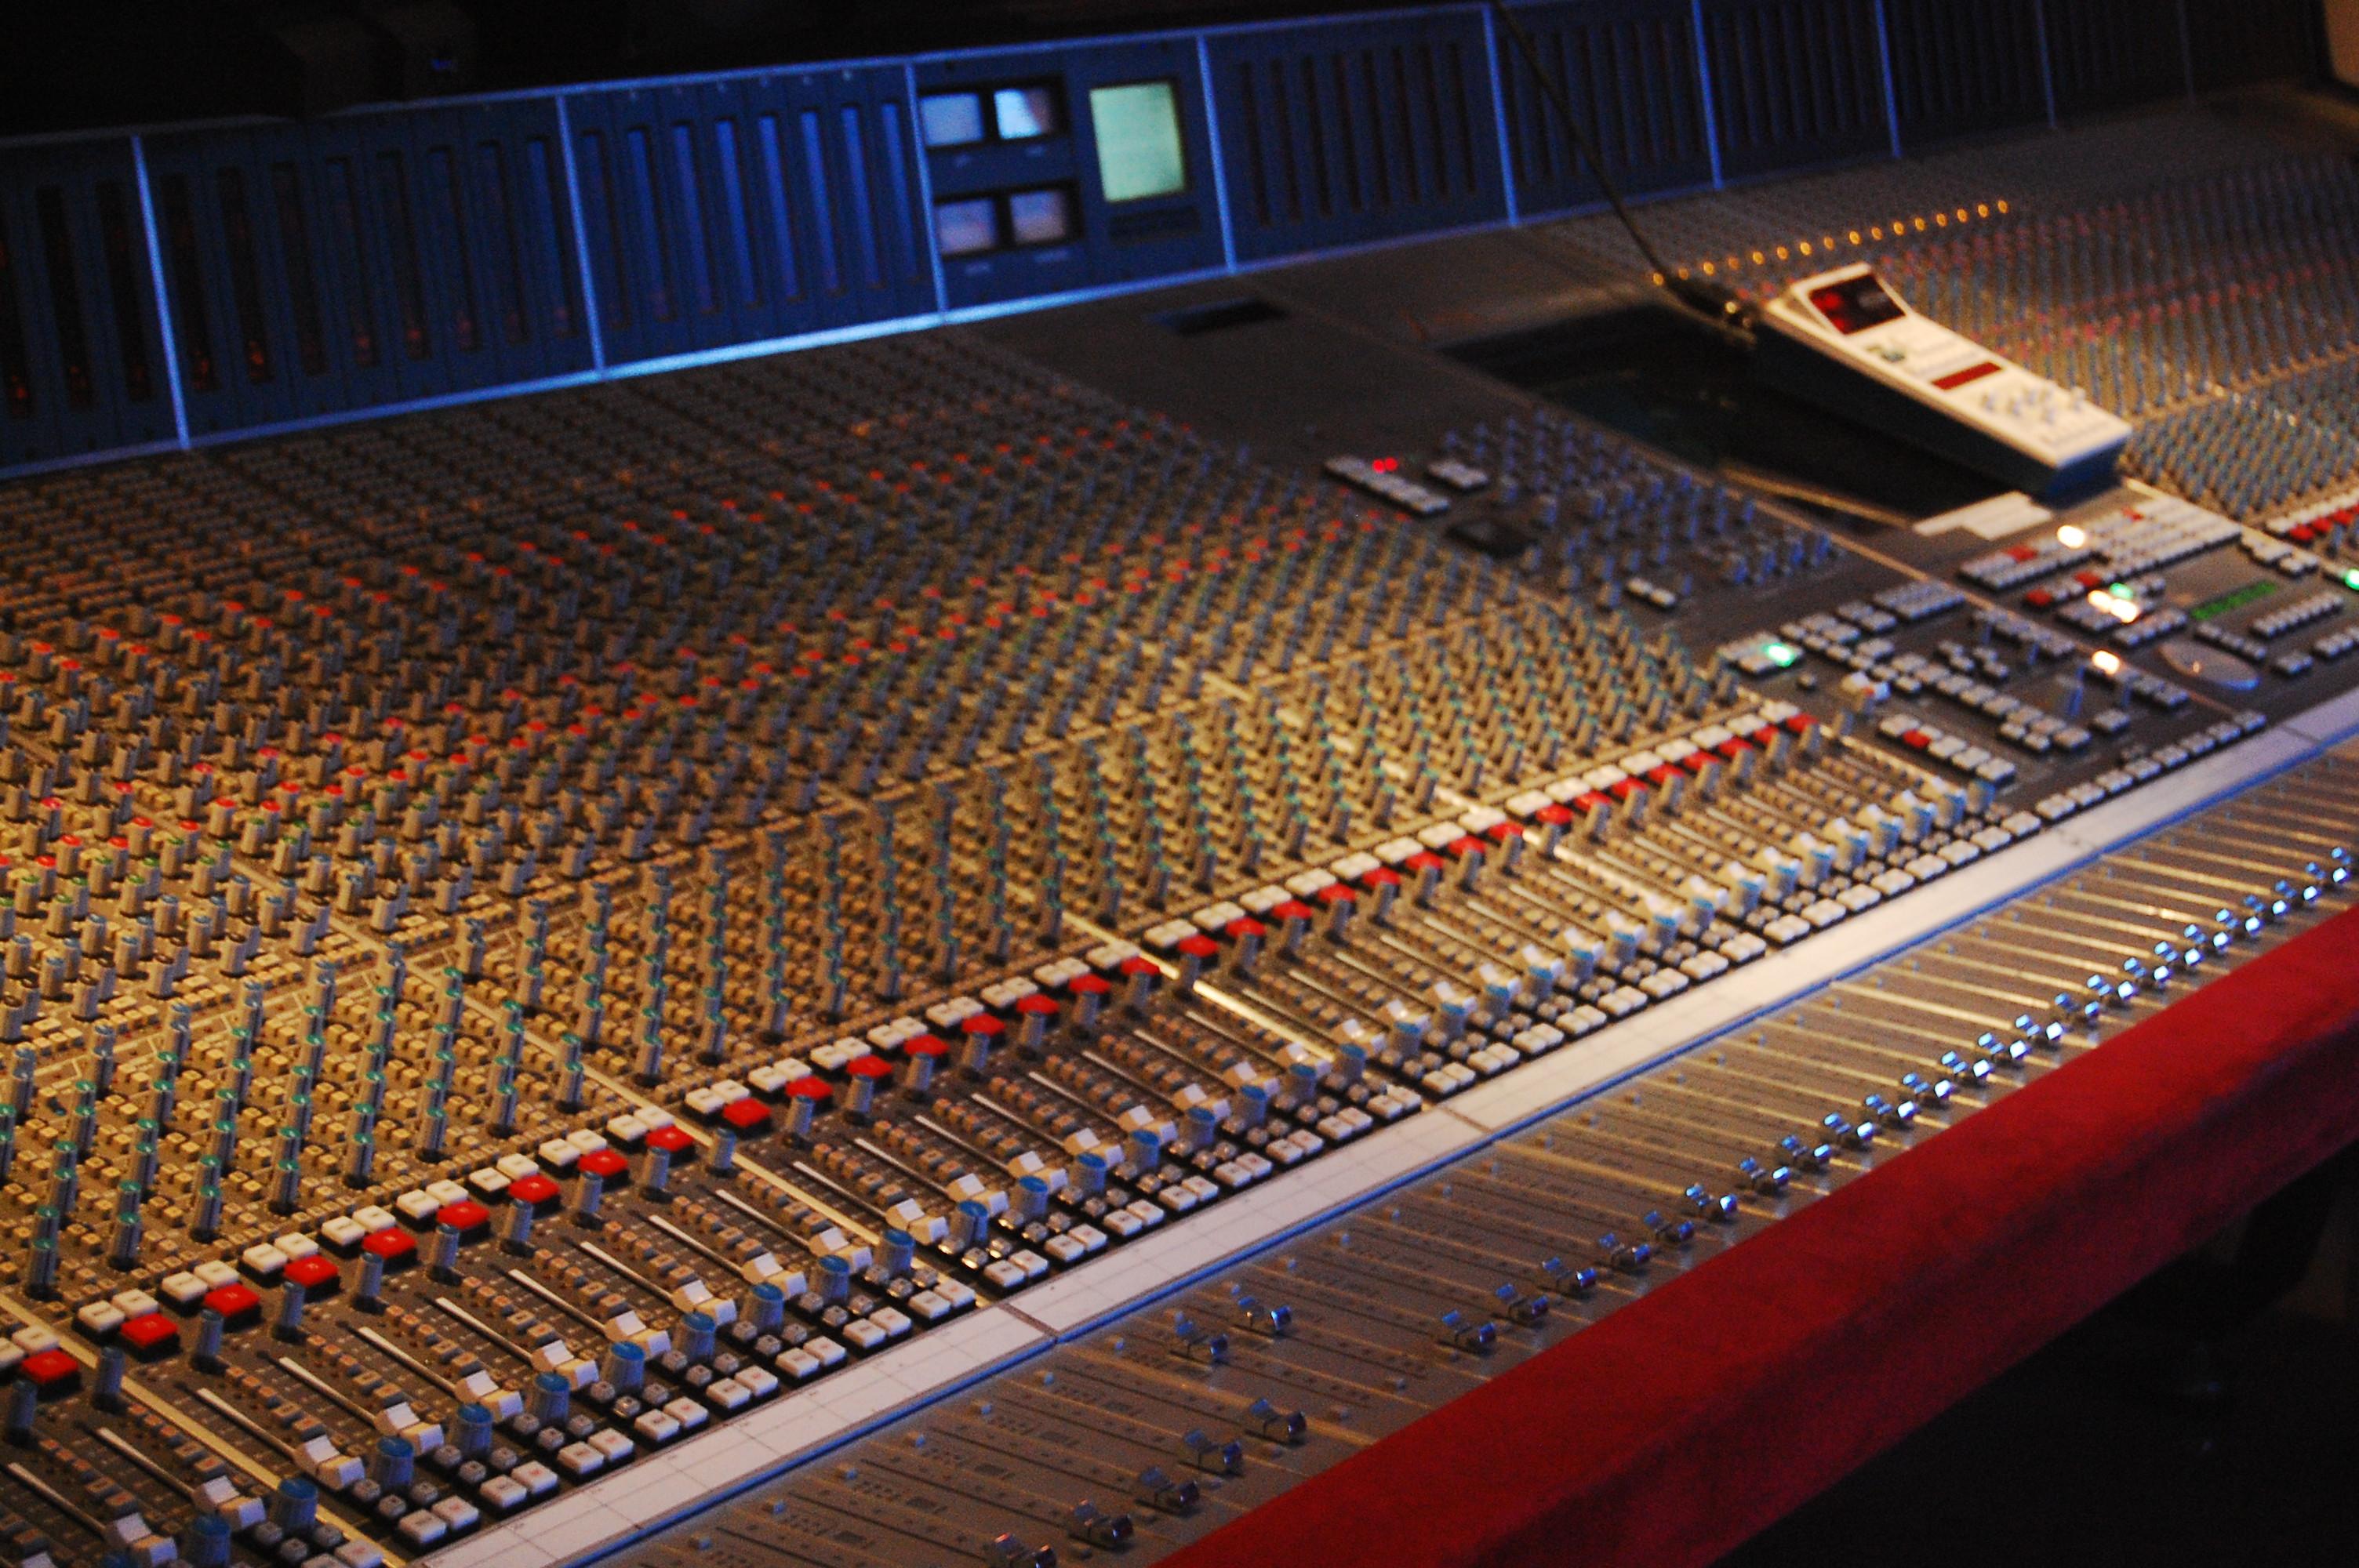 Les fondamentaux du mixage